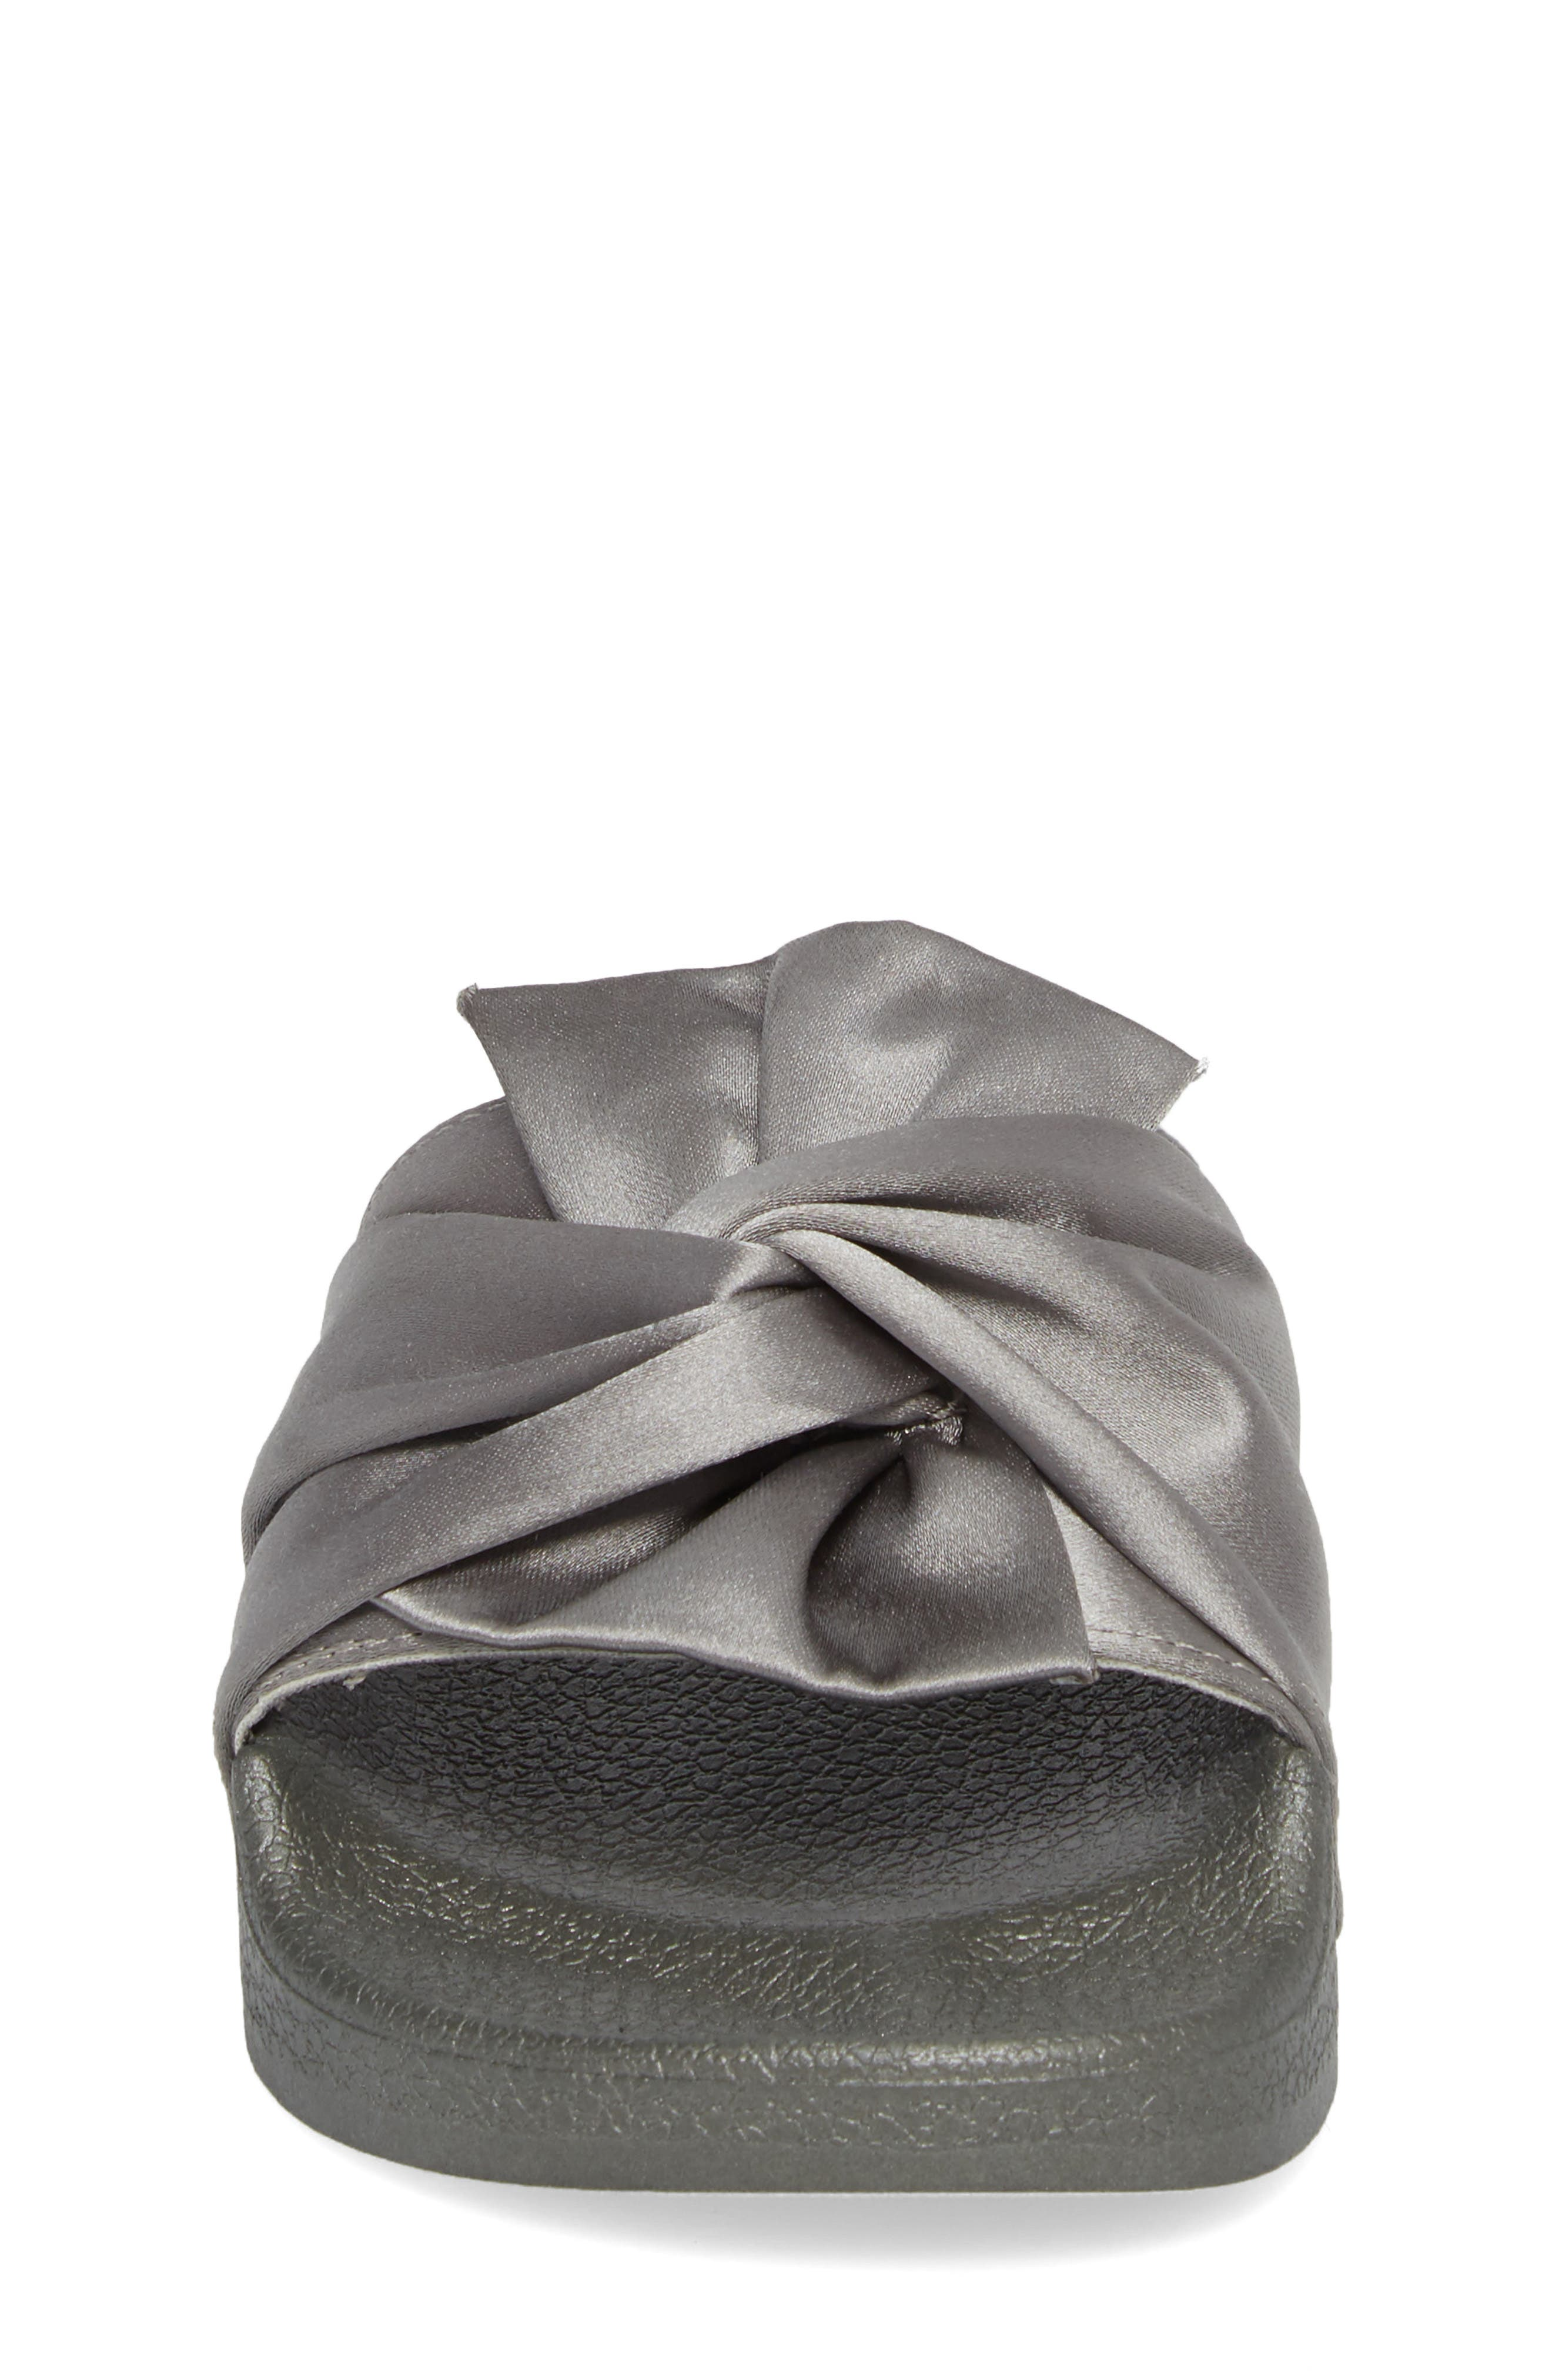 Shower Twist Slide Sandal,                             Alternate thumbnail 4, color,                             Gray